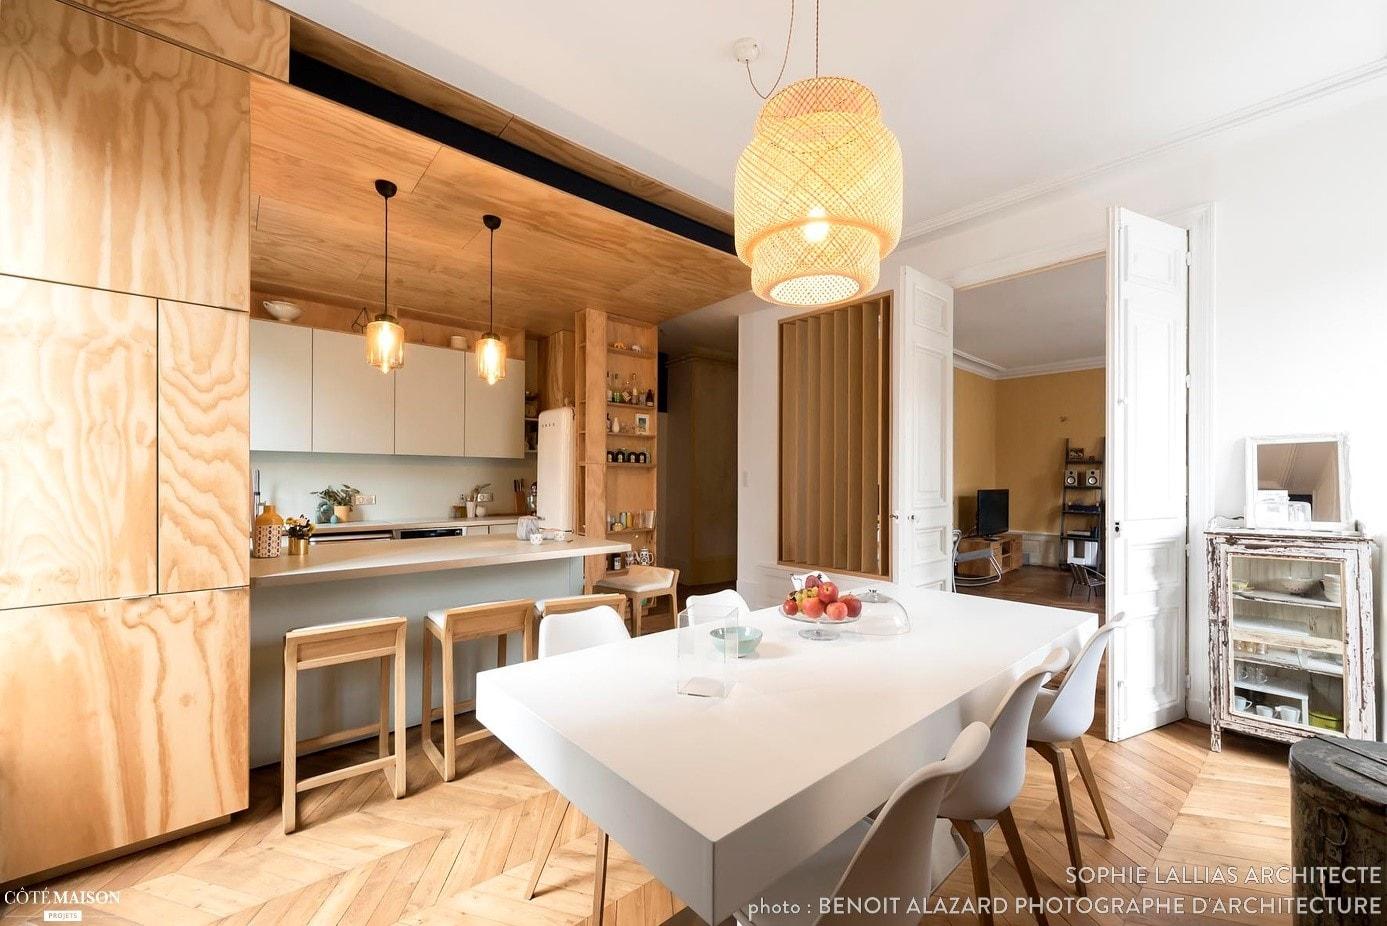 Emplacement Cuisine Dans La Maison cuisine ouverte sur salon : photos et conseils d'aménagement